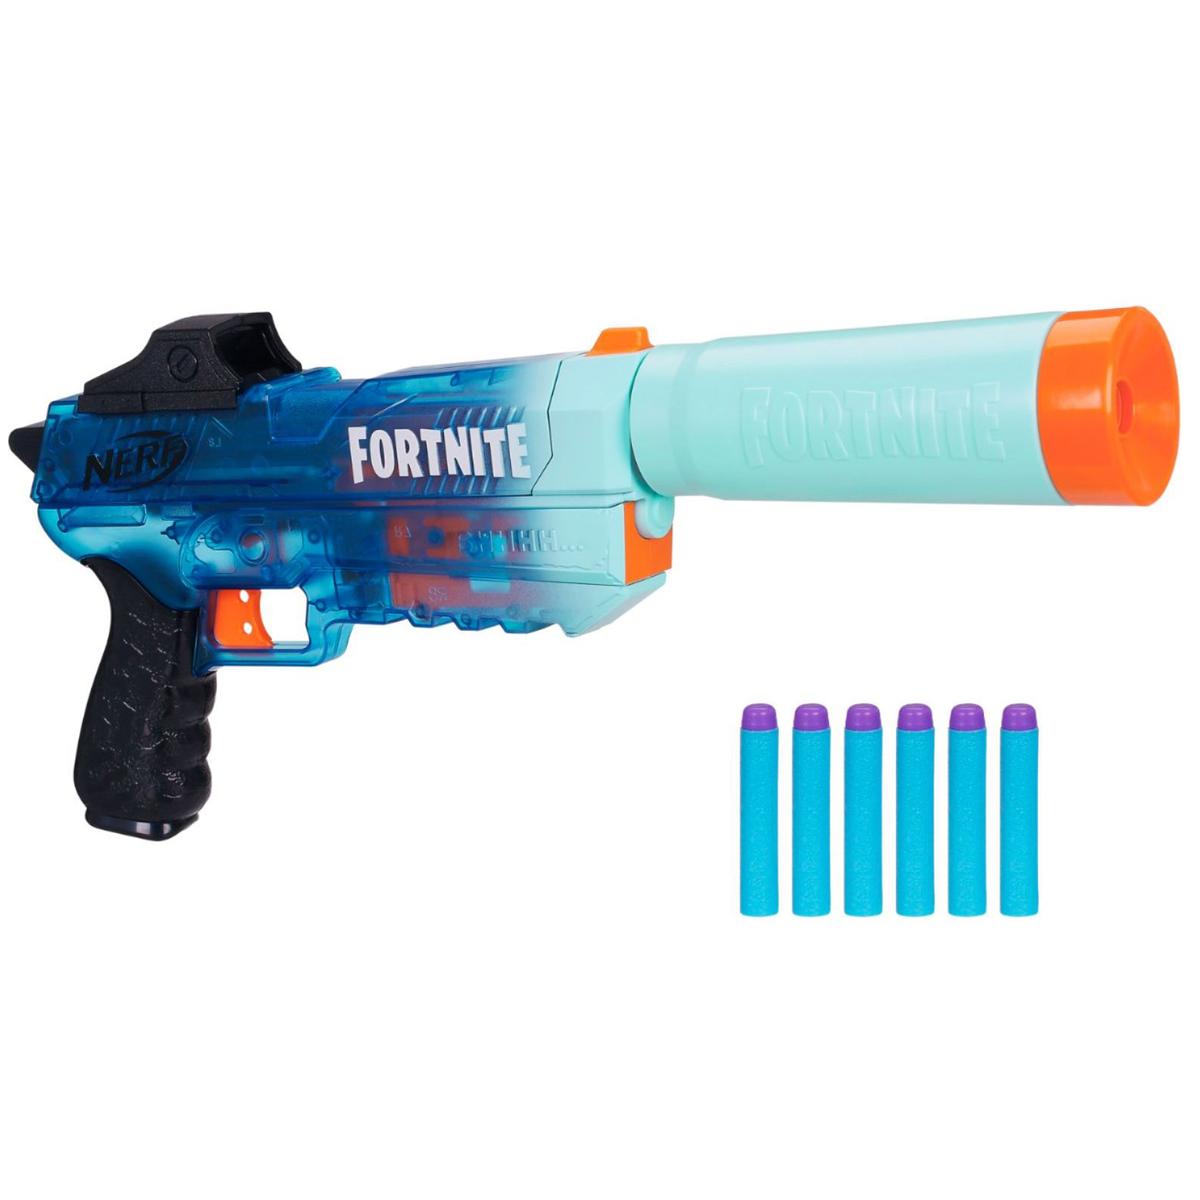 تفنگ بازی نرف مدل Fortnite SP-Rippley